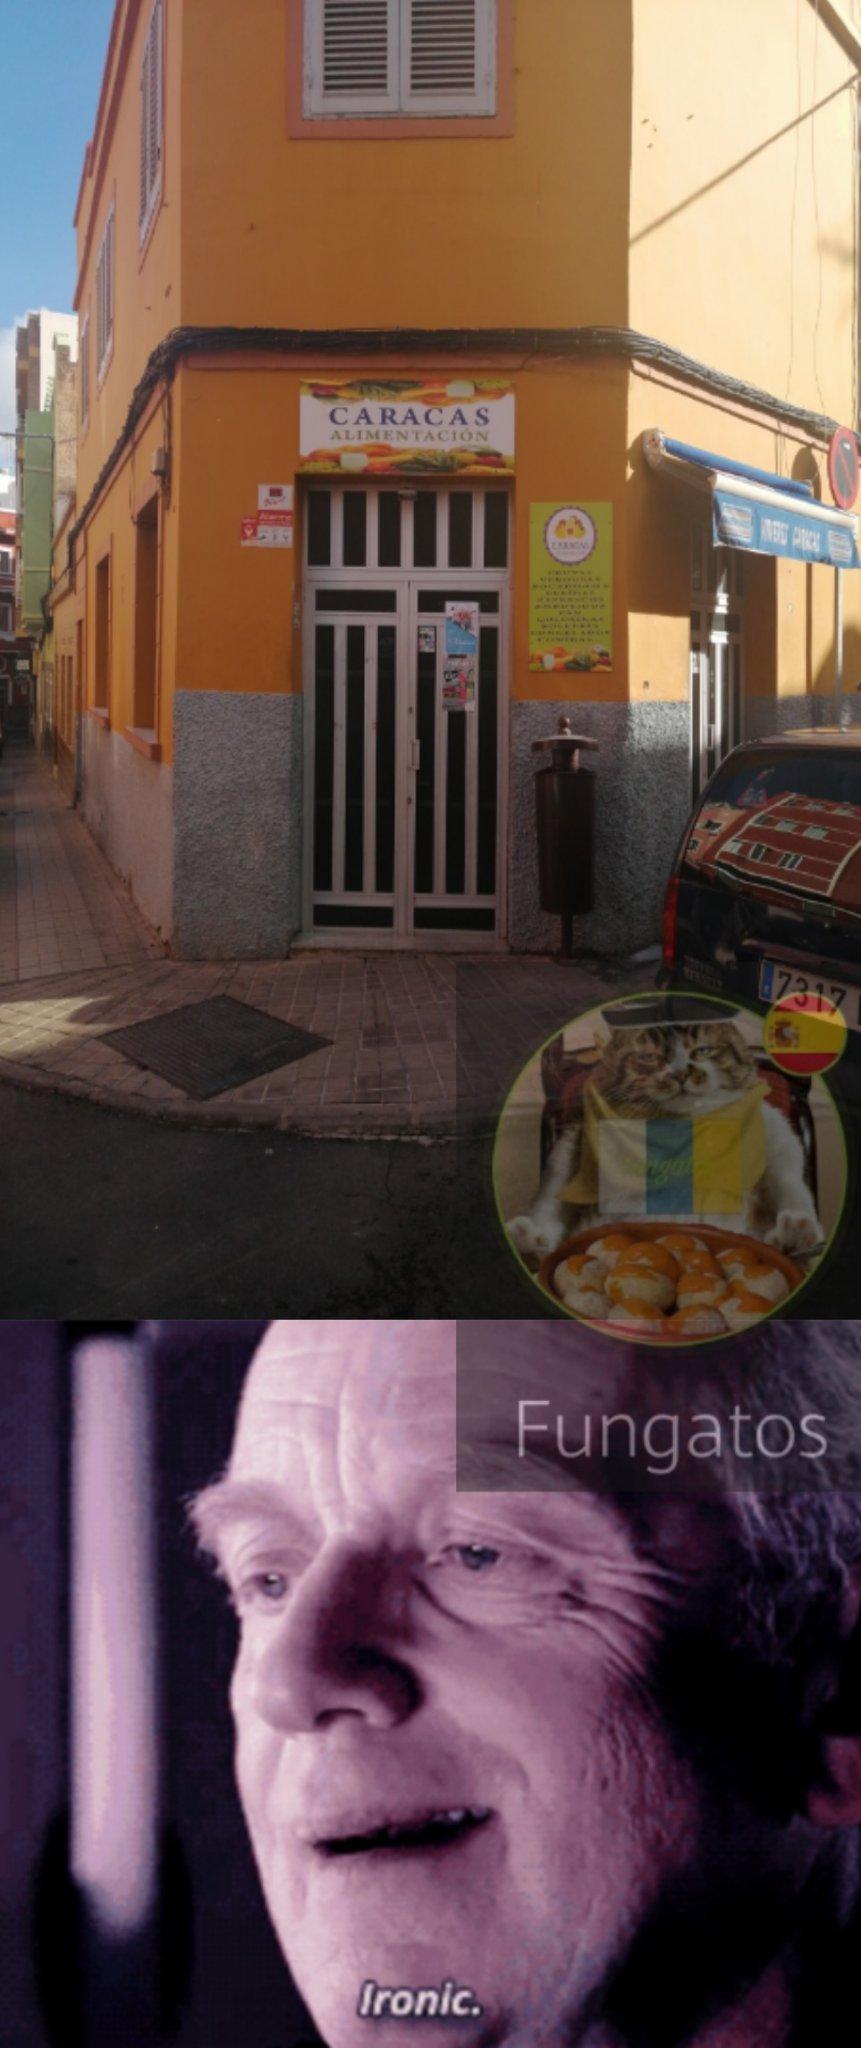 Venezuela caracas - meme